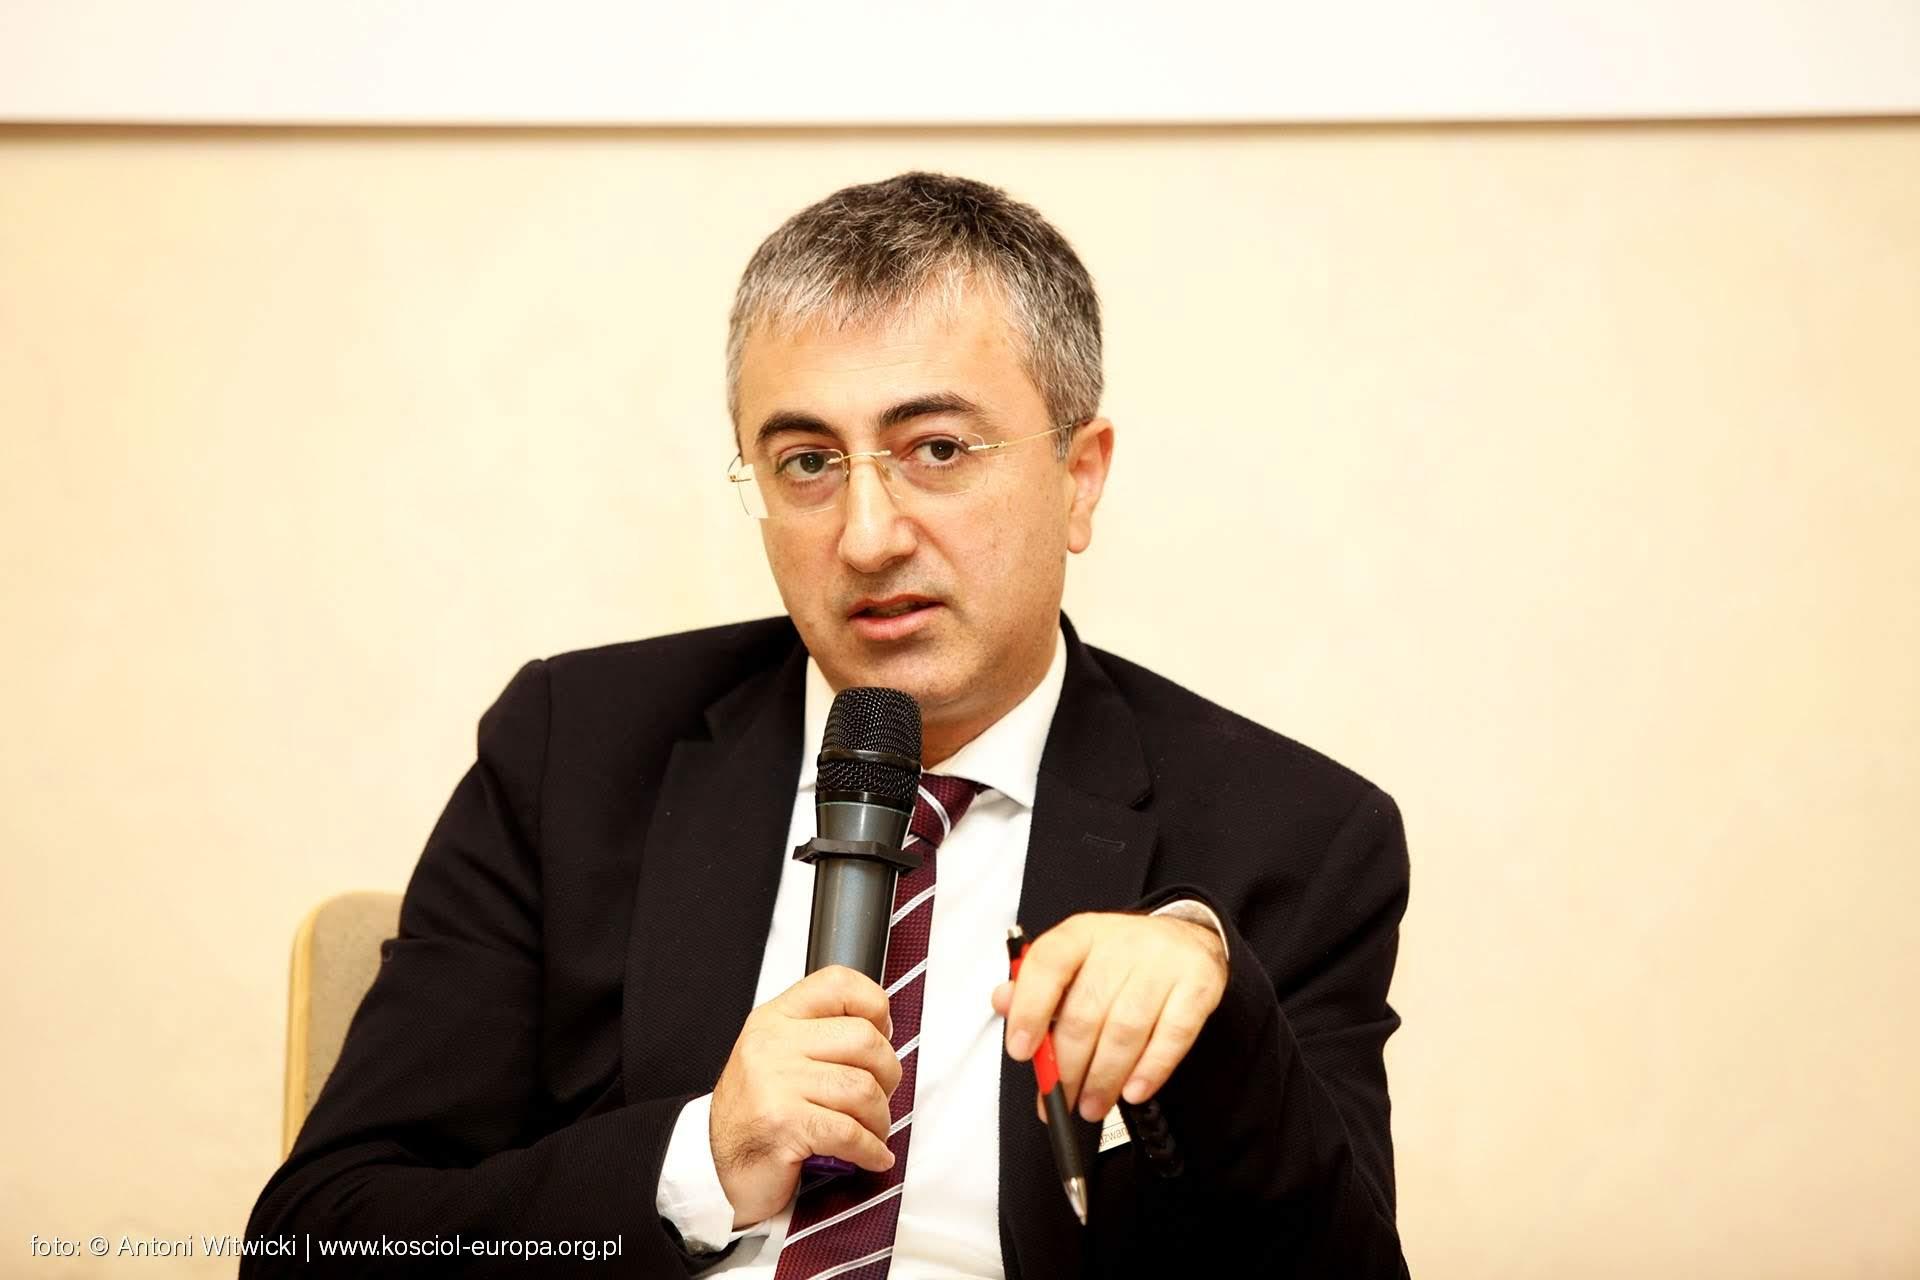 რექტორი საერთაშორისო კონფერენციაზე